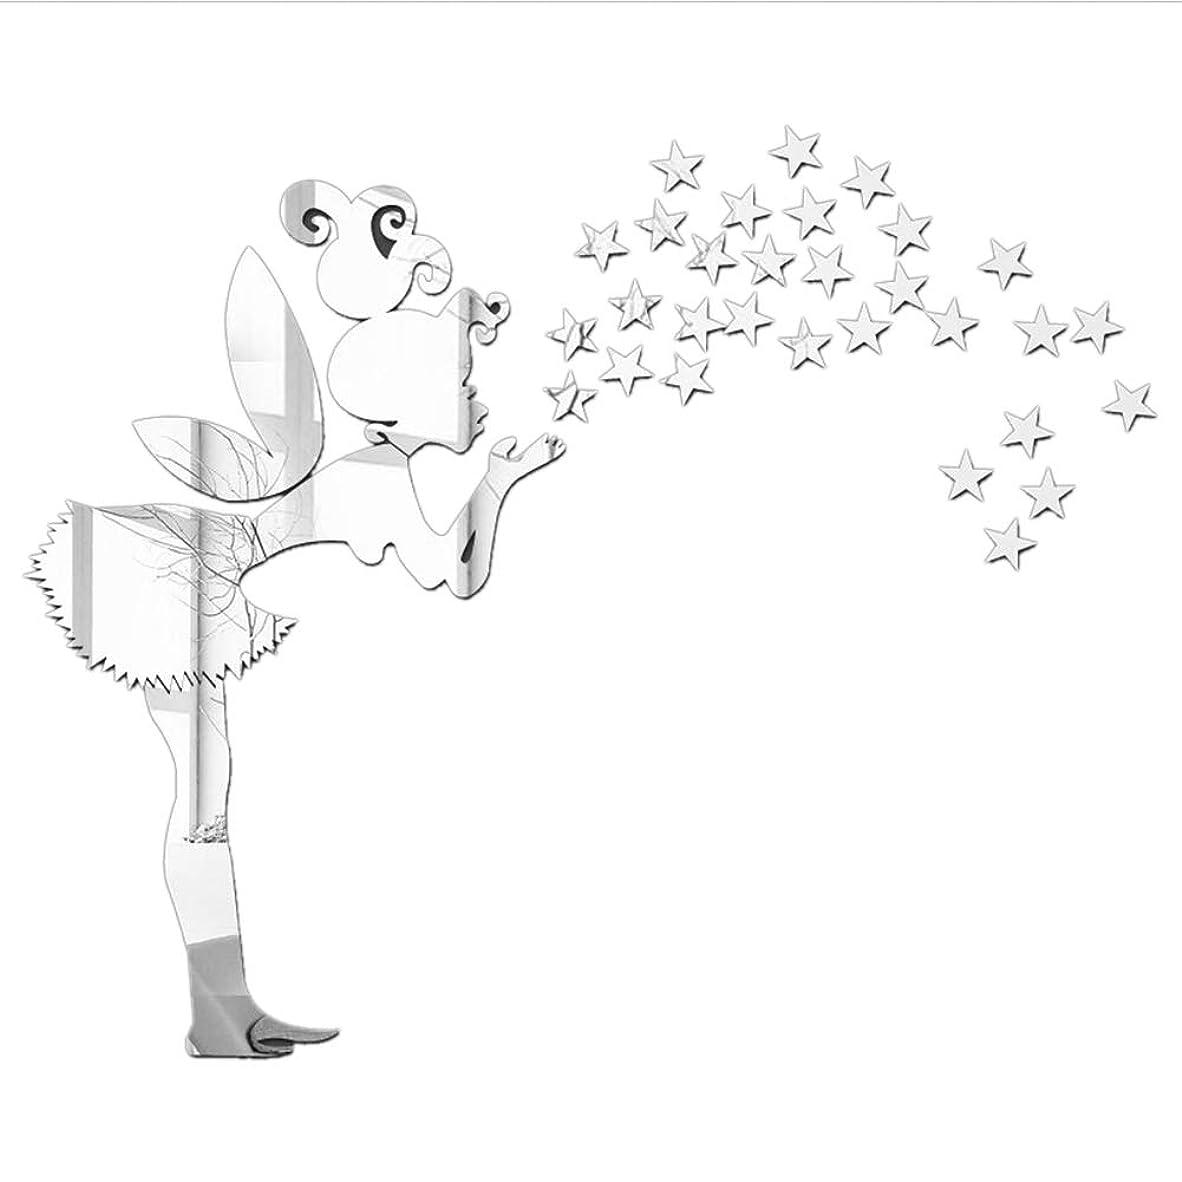 タイムリーなところでバングSkareop 壁紙ステッカー 壁画 壁の装飾 天使シリーズ壁紙 素敵な 剥がせる DIY壁紙シール 自己接着性 装飾用 部屋飾り 子供部屋装飾 35*55cm (銀色)